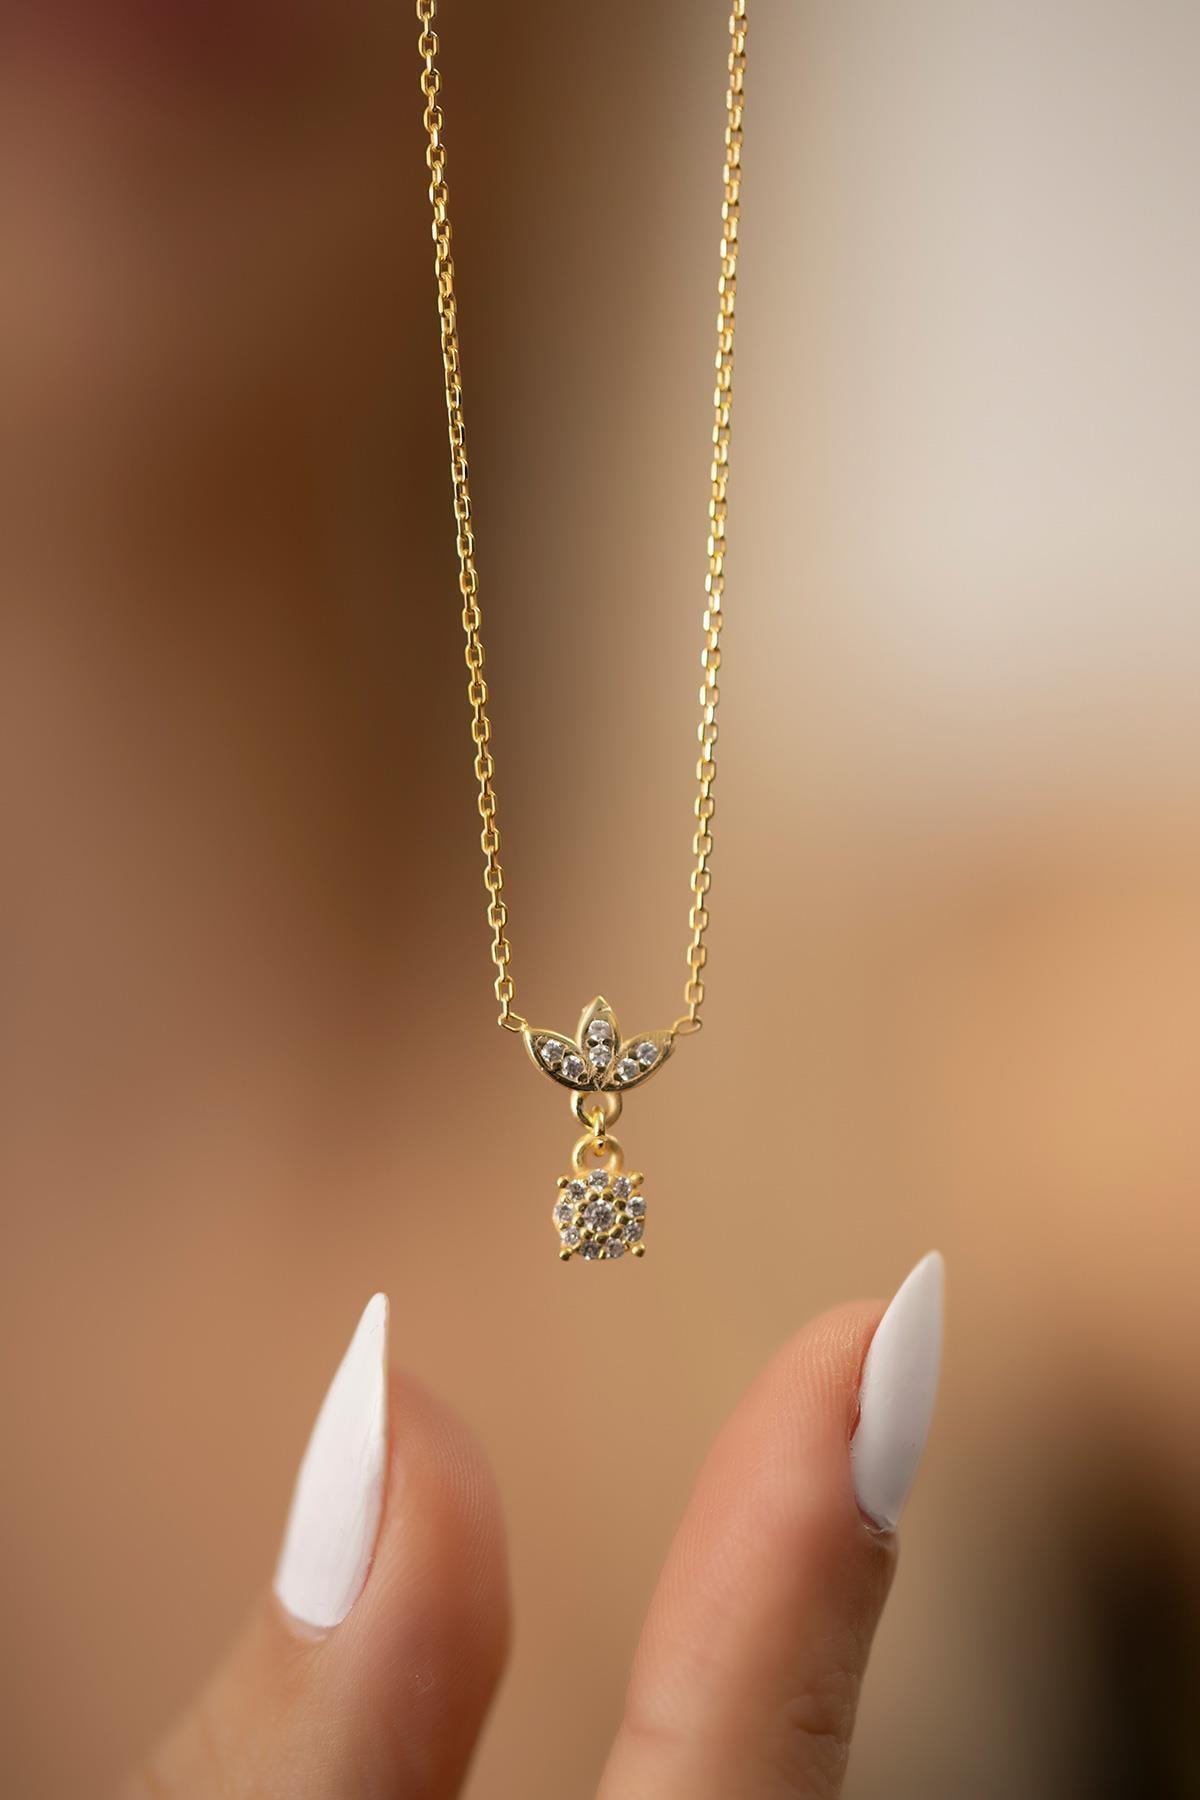 Kadın Çiçek Model Altın Kaplama Gümüş İtalyan Kolye